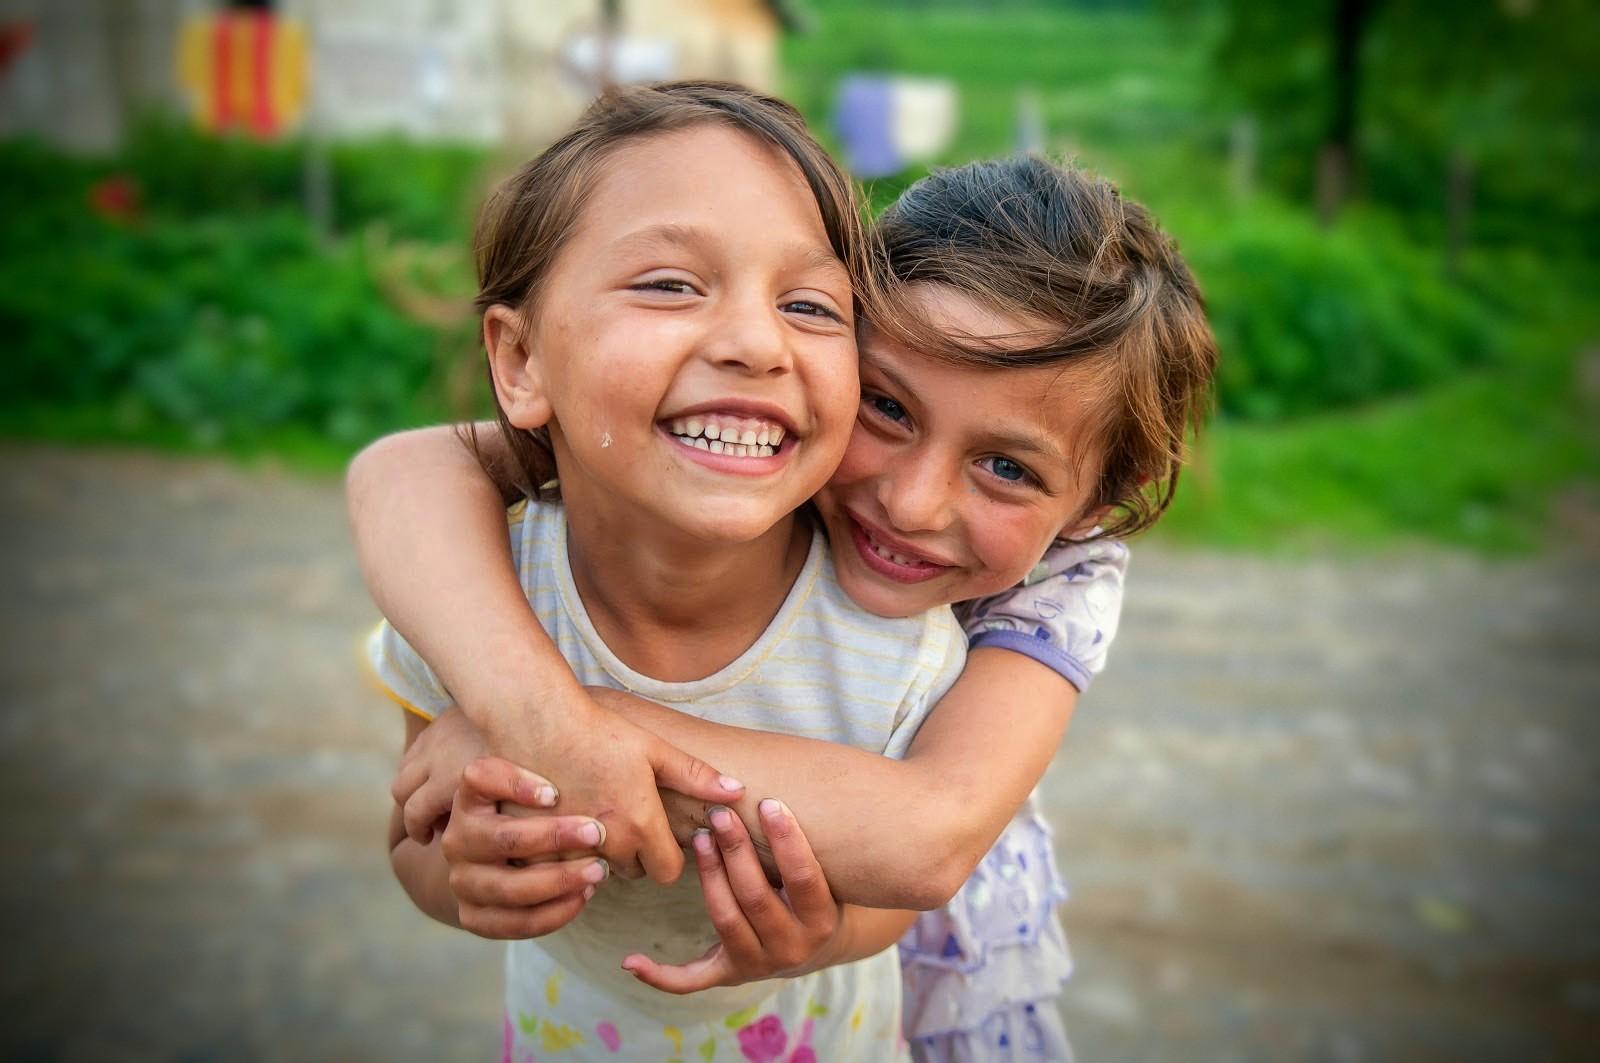 Zoznámte sa s webom dobrovolniporadcovia.sk pre náhradné rodiny s rómskymi deťmi